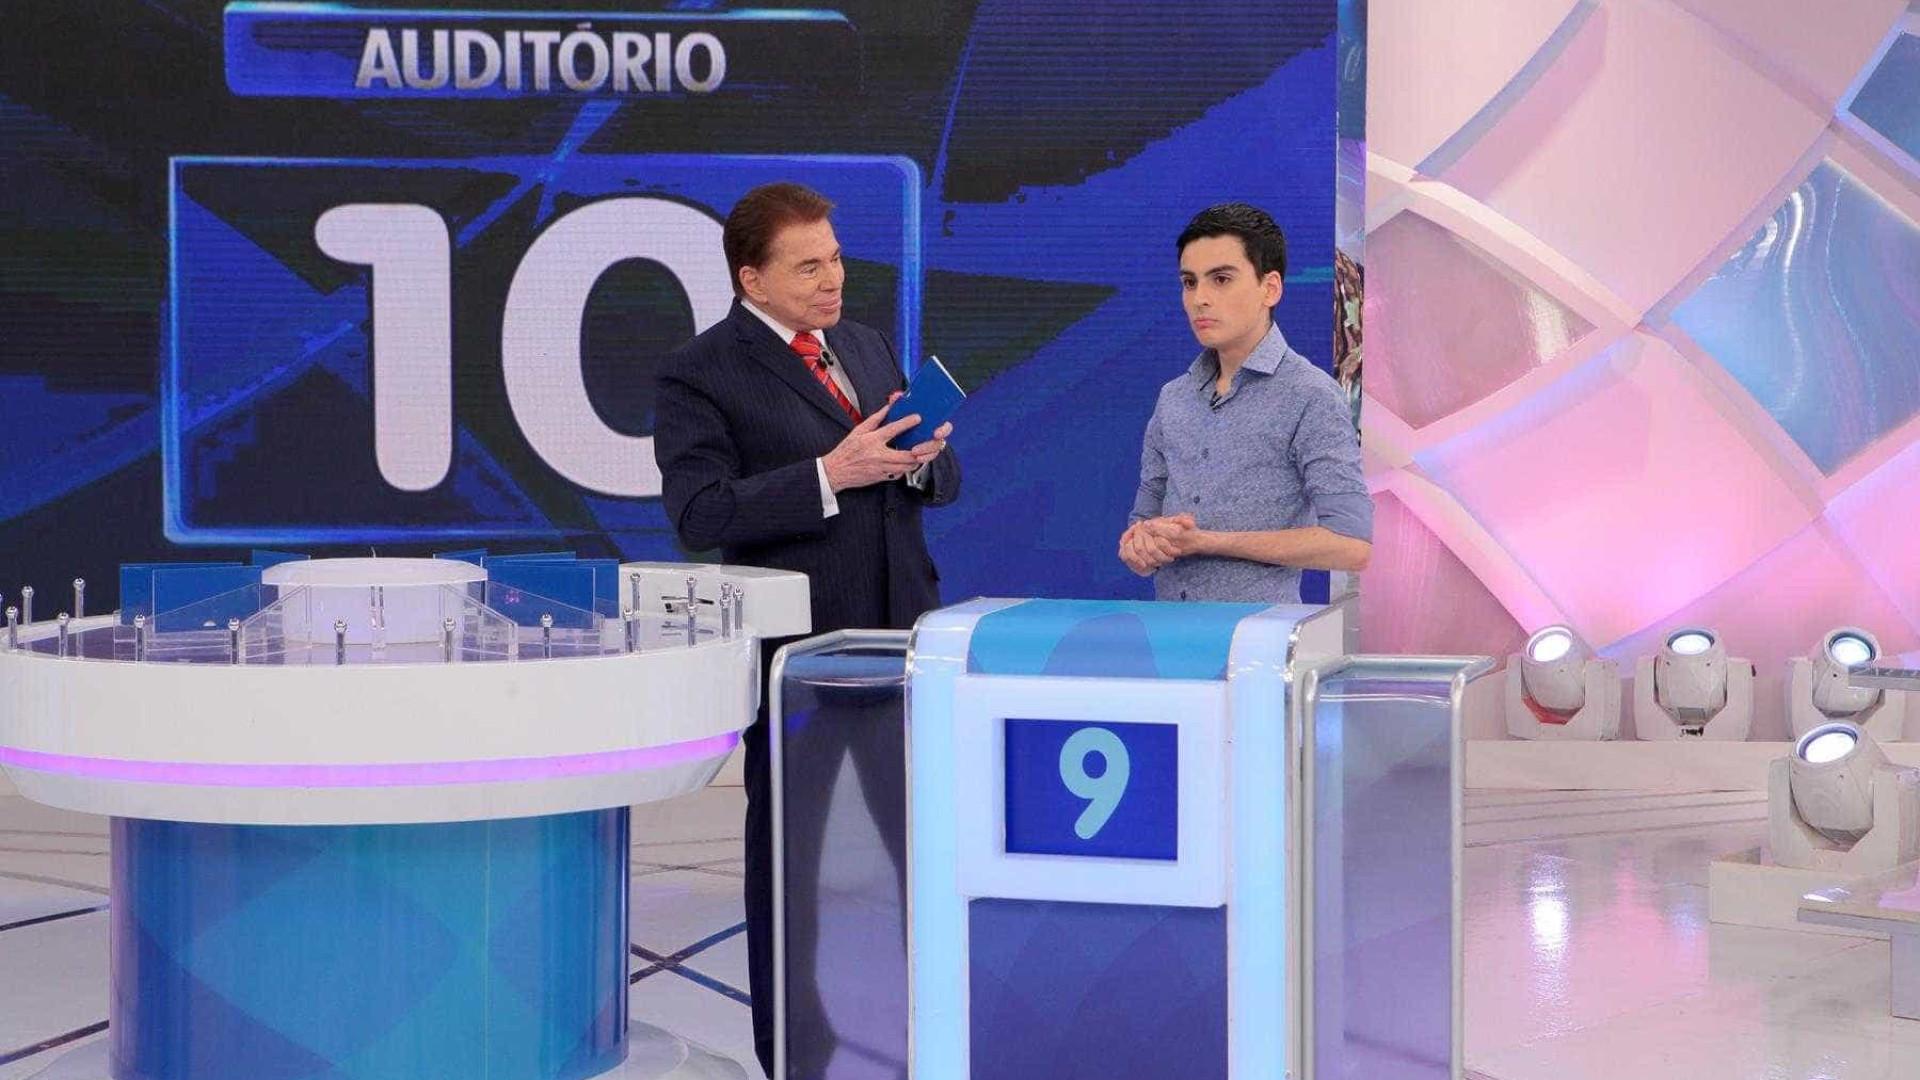 """Silvio humilha Dudu Camargo: """"Seu pai já te  assistiu e não se matou?"""""""